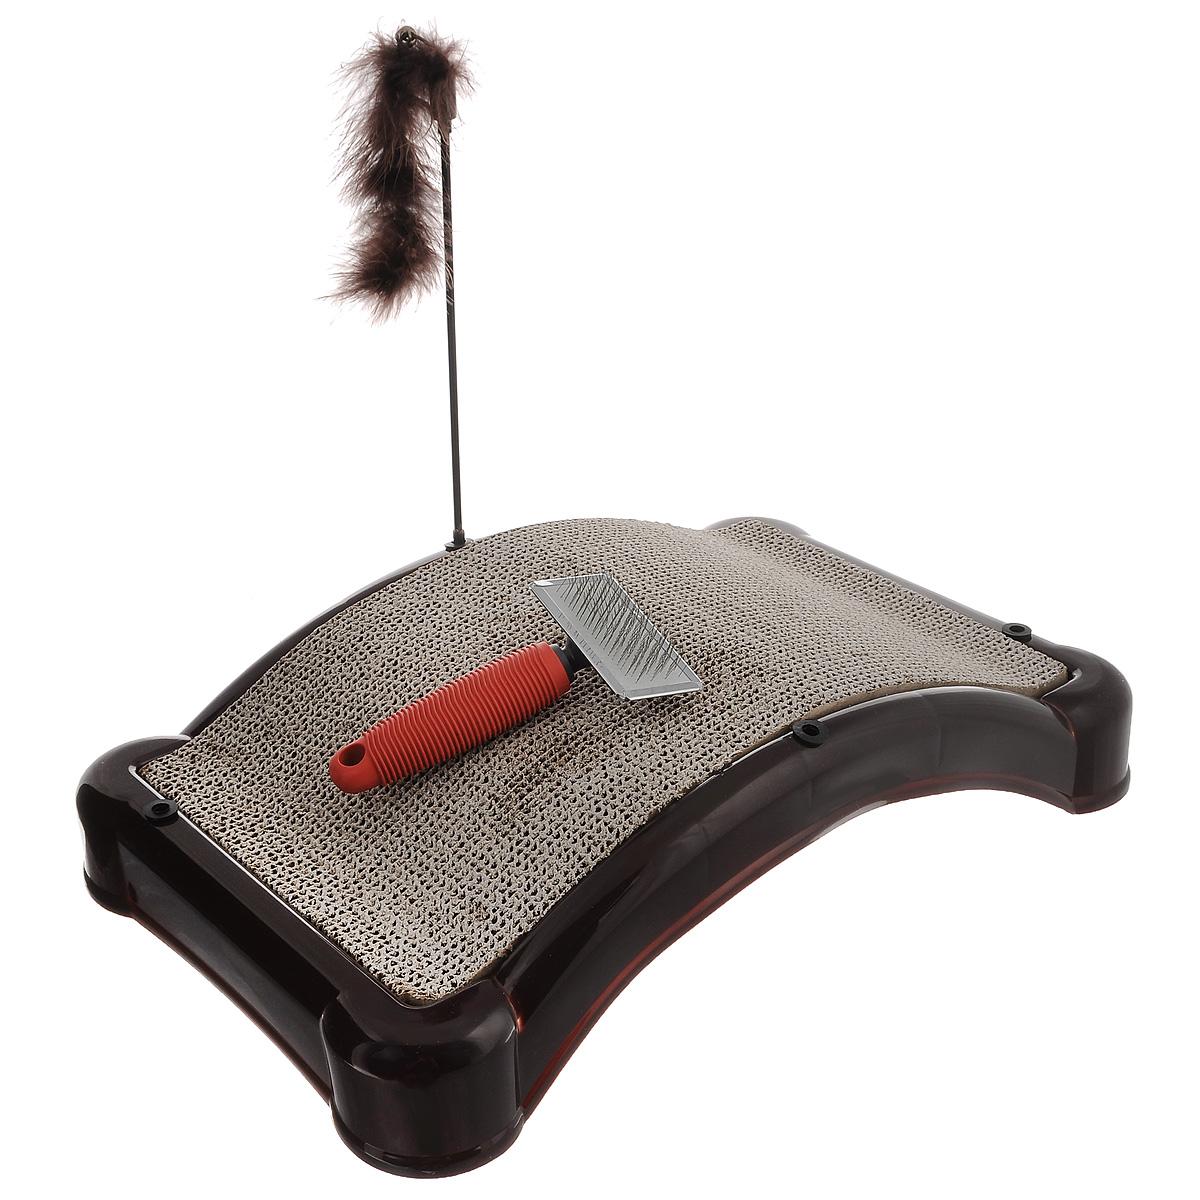 Когтеточка Bradex Царапка, с игрушкой и щеткой для шерсти0120710Когтеточка Bradex Царапка, изготовленная из высококачественного пластика и гофрокартона с добавлением кошачьей мяты, поможет сохранить мебель и ковры в доме от когтей вашего любимца, стремящегося удовлетворить свою естественную потребность точить когти. Товар продуман в мельчайших деталях и, несомненно, понравится вашей кошке.Компактная когтеточка обладает достаточно широкой поверхностью для стачивания коготков, что подарит вашей кошке свободу передвижения на ней, возможность потянуть спинку или выгнуться. Кроме того, во время царапания происходит нагрузка на мышечный аппарат, что является прекрасной физической тренировкой для животного. А также на когтеточке Bradex Царапка стачиваются старые омертвевшие слои когтей, что благотворно влияет на здоровье и настроение питомца. Это намного безопаснее, чем подстригать когти ножницами или специальными щипцами, рискуя повредить ногтевую пластину и причинить животному дискомфорт. Встроенная в когтеточку забавная игрушка несомненно привлечет вашего питомца и подарит ему радость приятного времяпрепровождения, пока ваша мебель будет цела и невредима. В качестве бонуса в комплект входит удобная и надежная щетка для вычесывания шерсти.Размер когтеточки: 45 см х 27 см х 11 см. Длина игрушки: 25 см. Длина щетки: 16 см. Размер рабочей поверхности щетки: 9 см х 4,5 см.Товар сертифицирован.